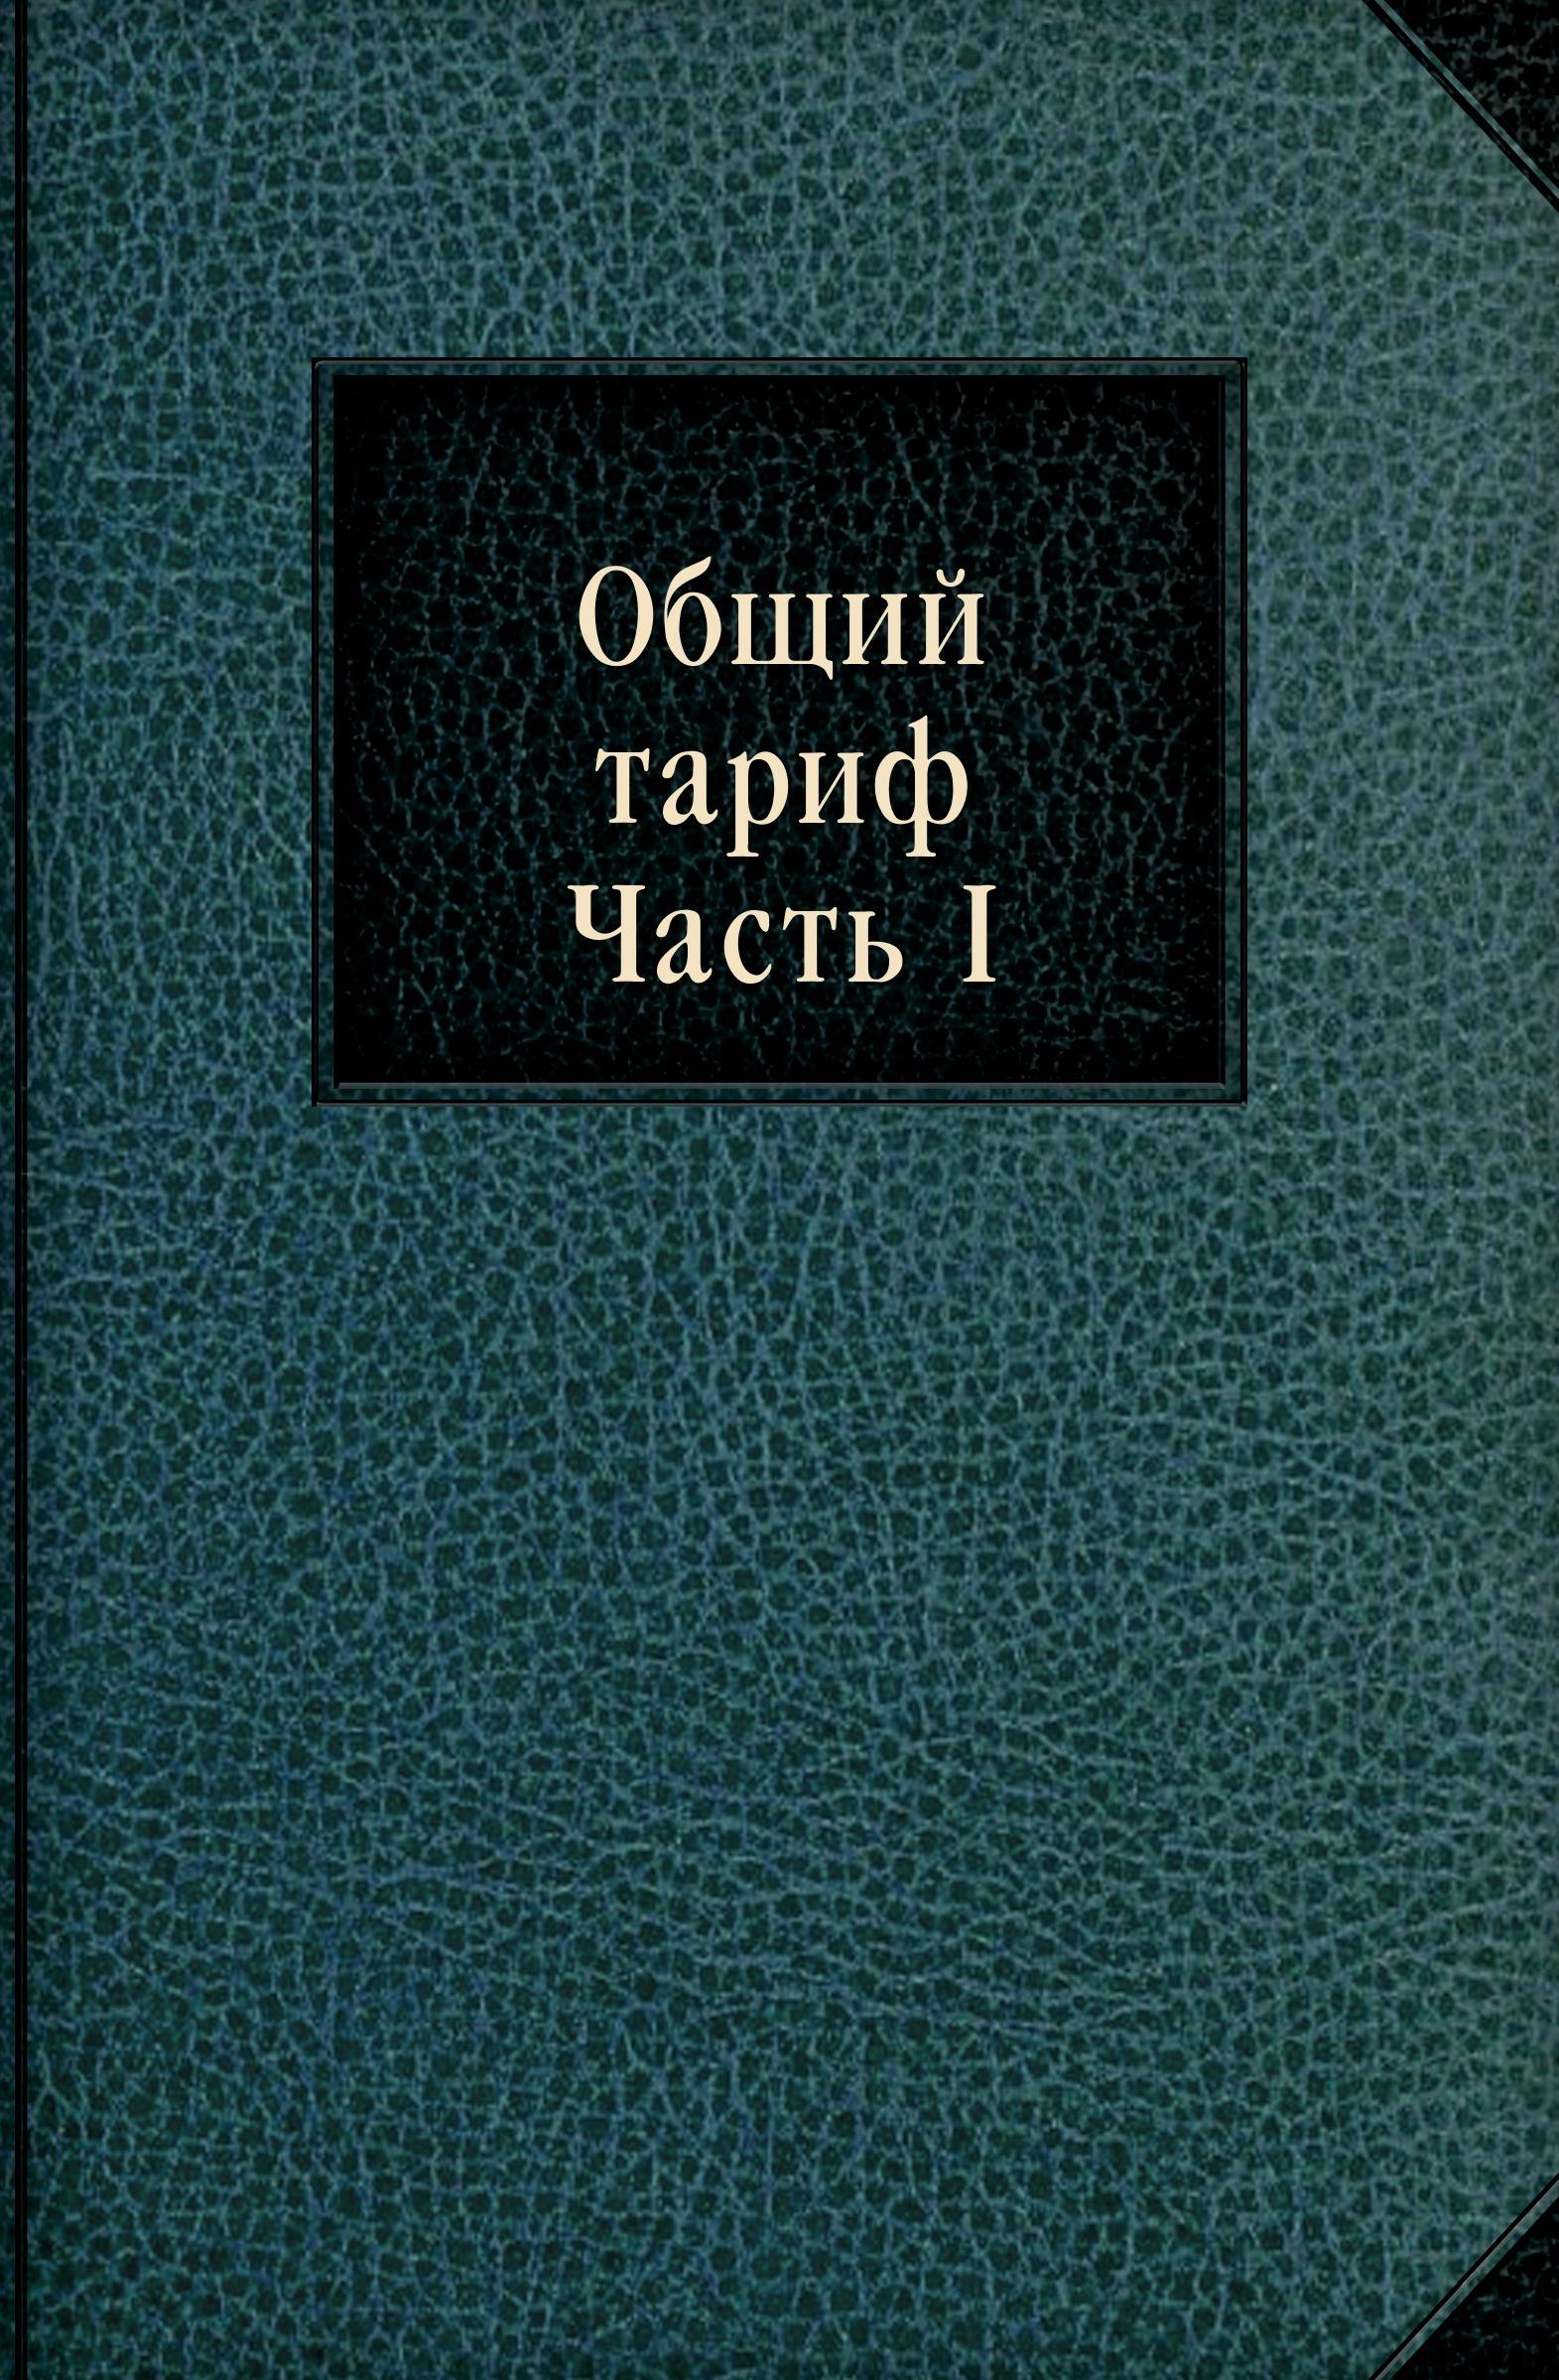 Неизвестный автор Общий тариф. Часть I отсутствует общий тариф для всех портовых и пограничных таможен российской империи ч 2